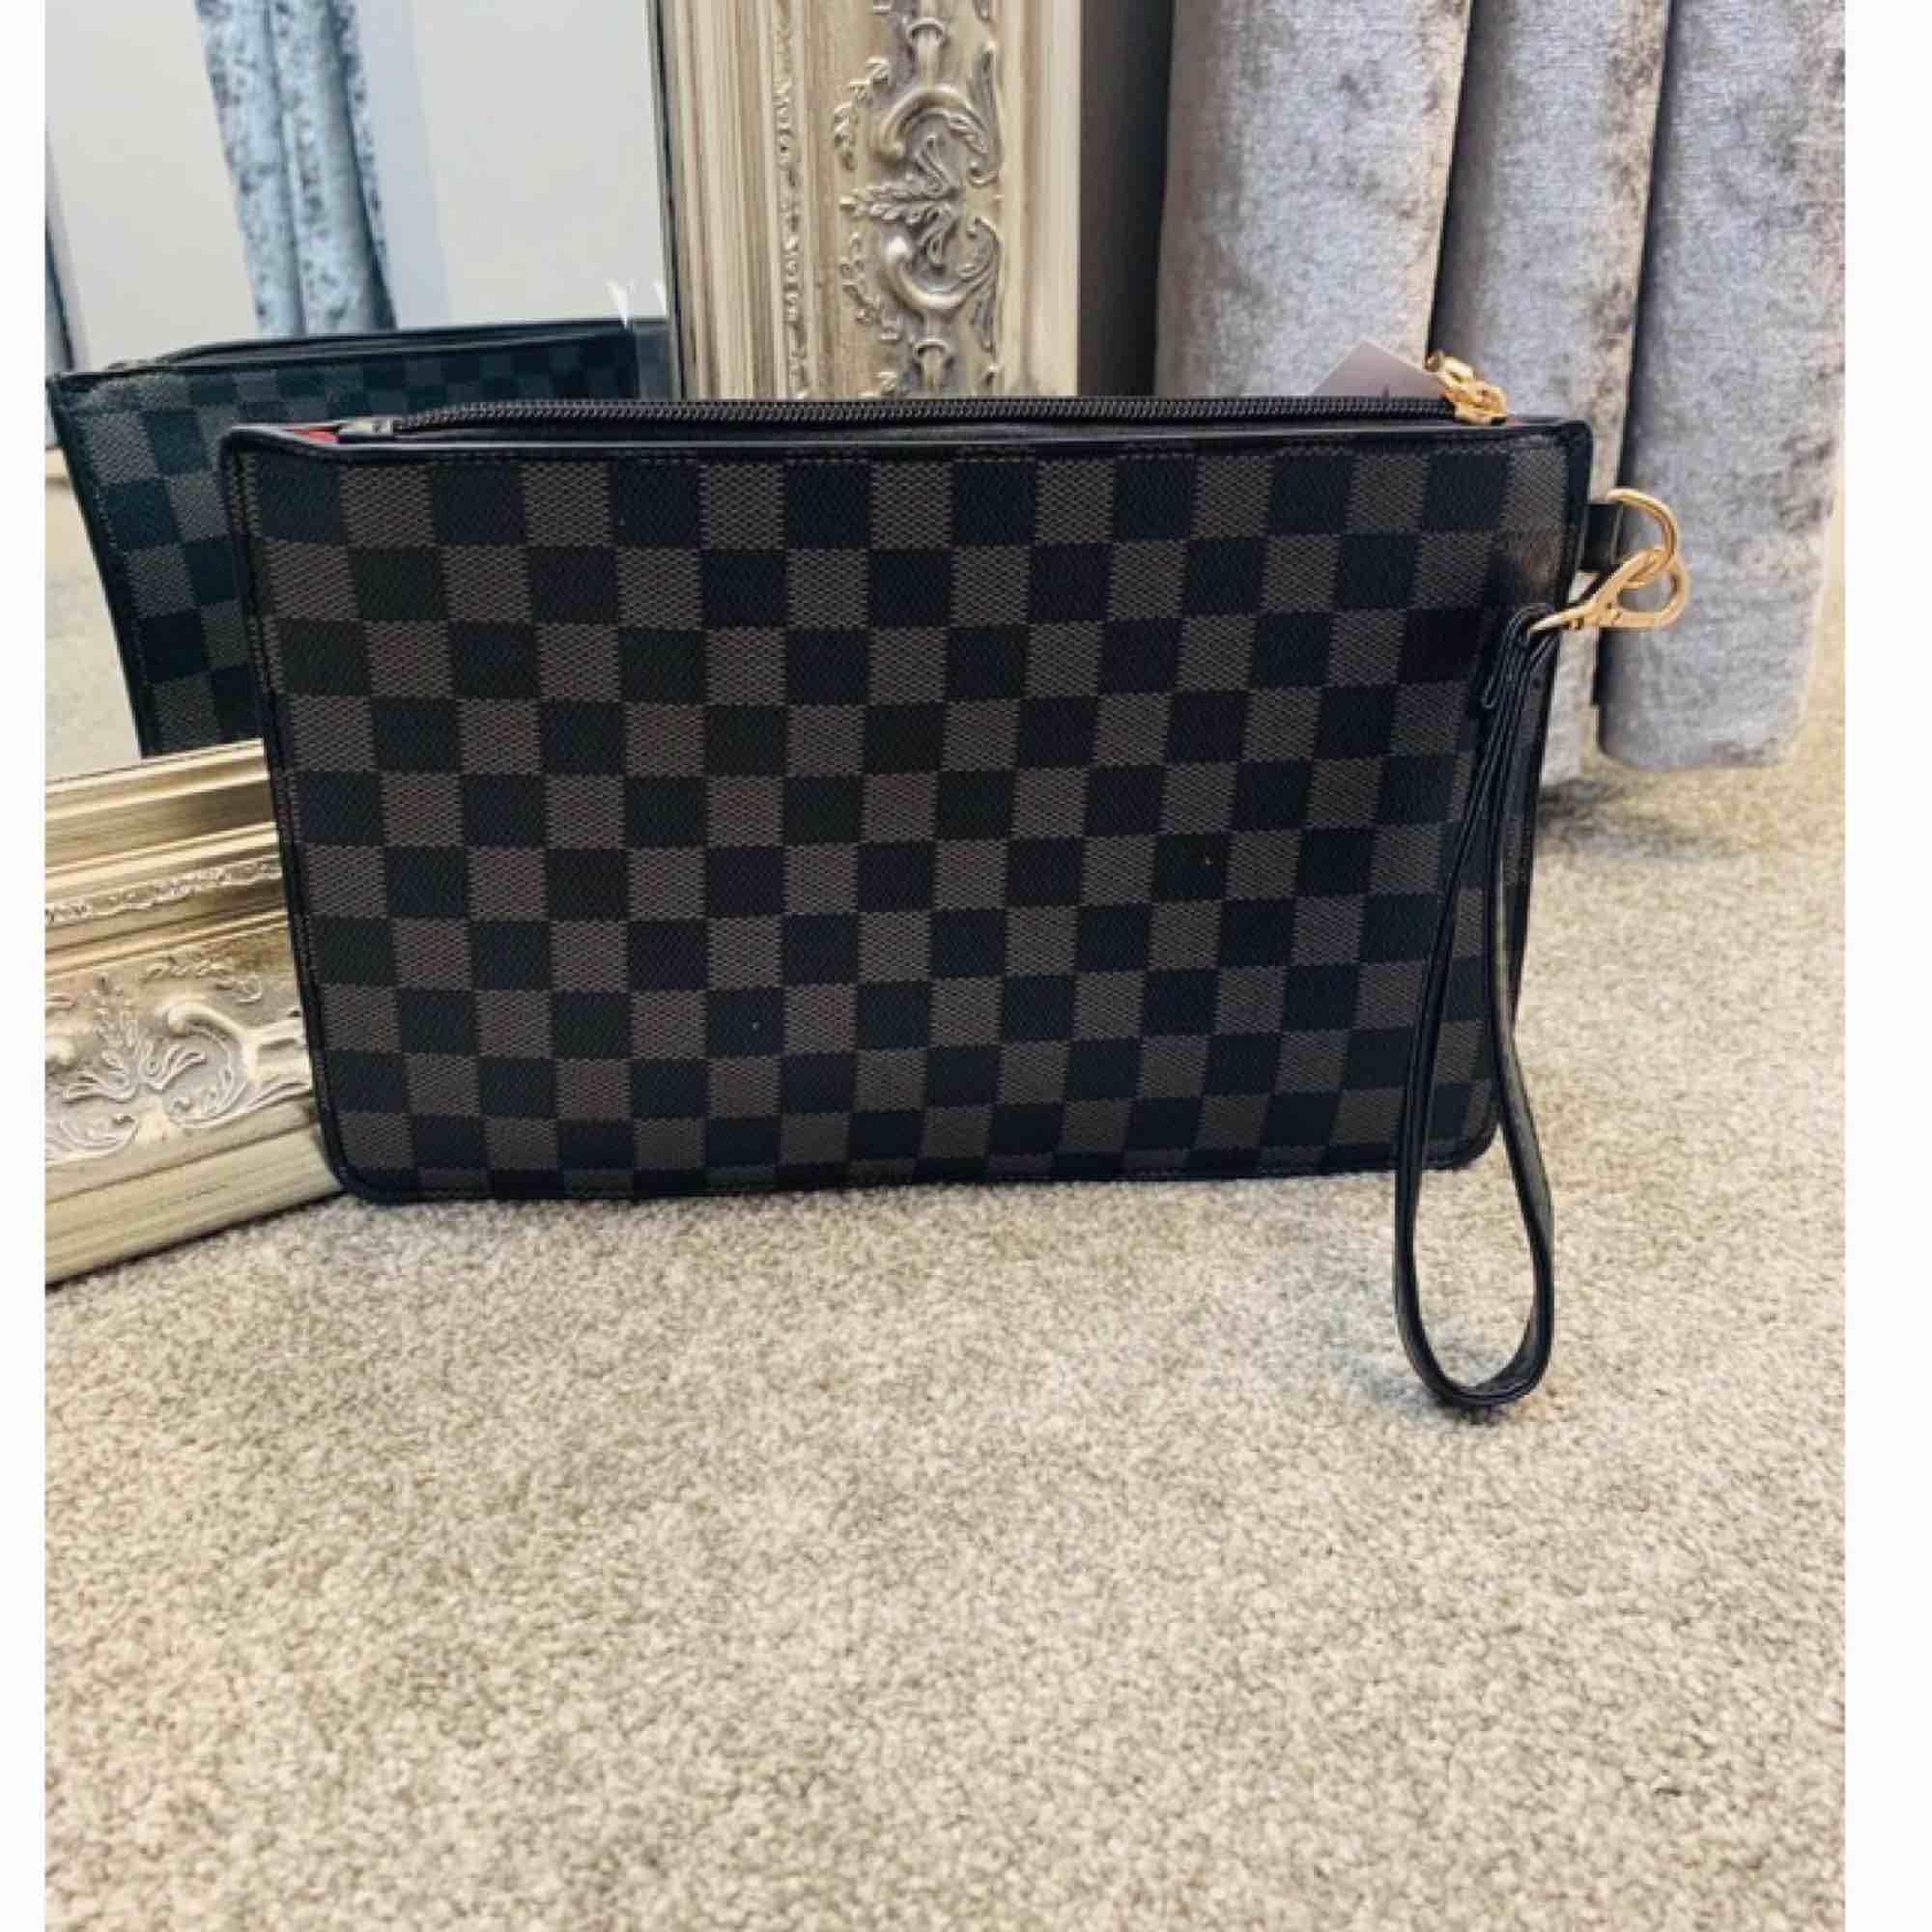 Säljer as snygga Louis Vuitton clutch bag (kopior). Har även andra märken. Finns även fler färger. Väskor.